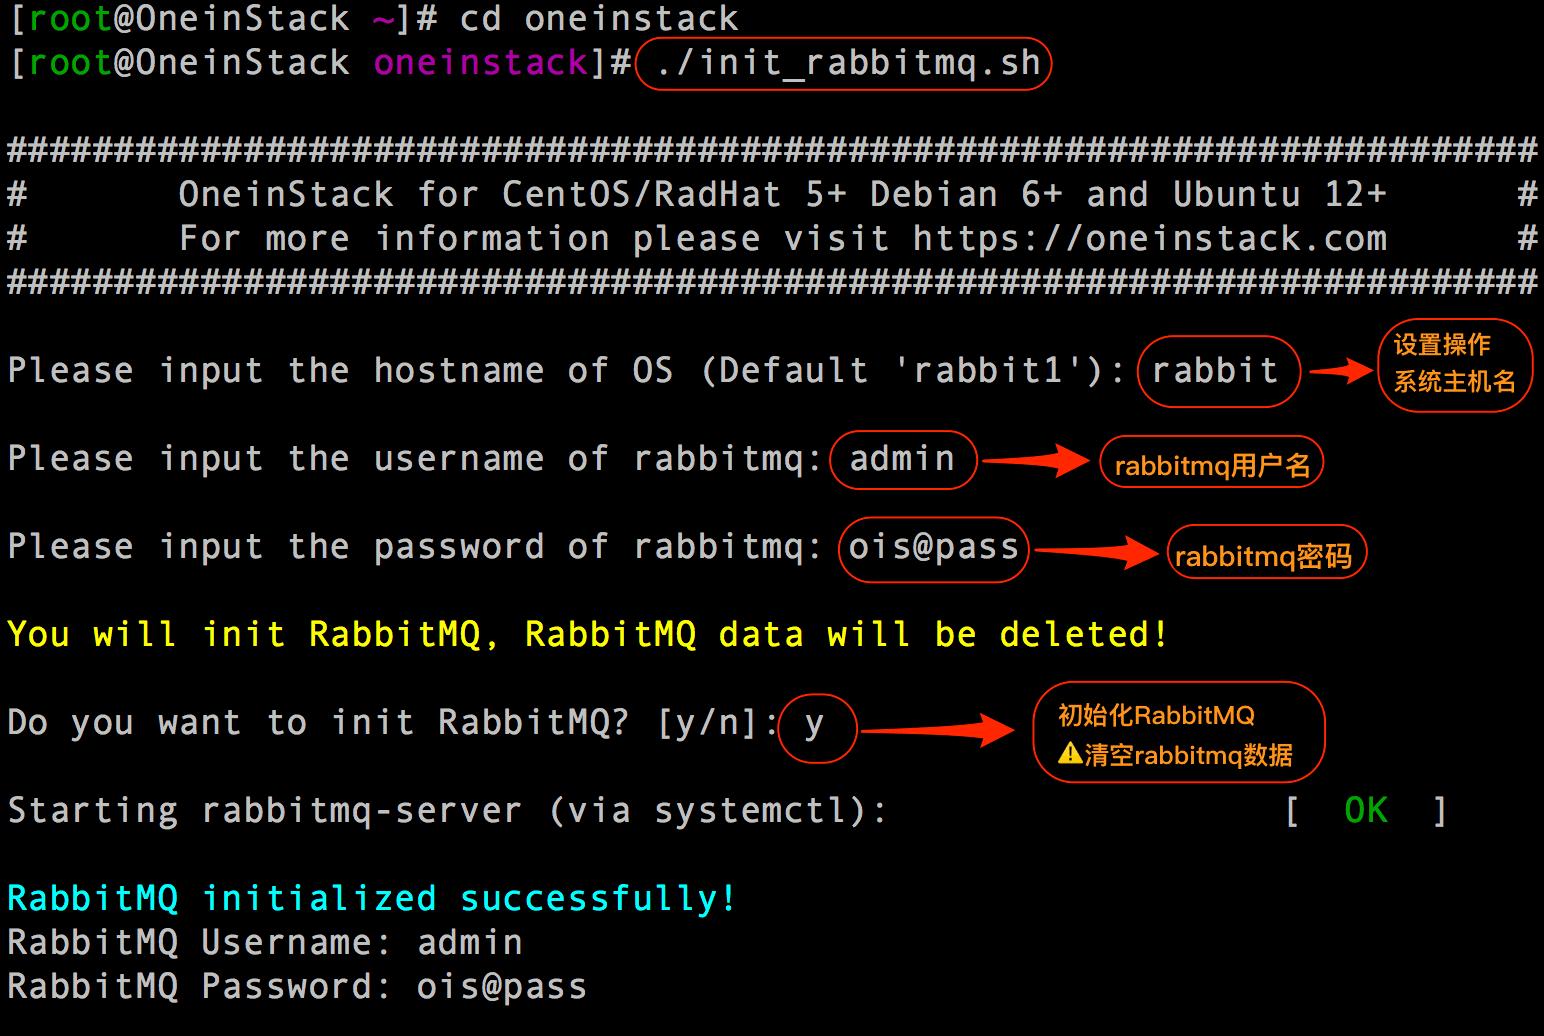 初始化 rabbitmq